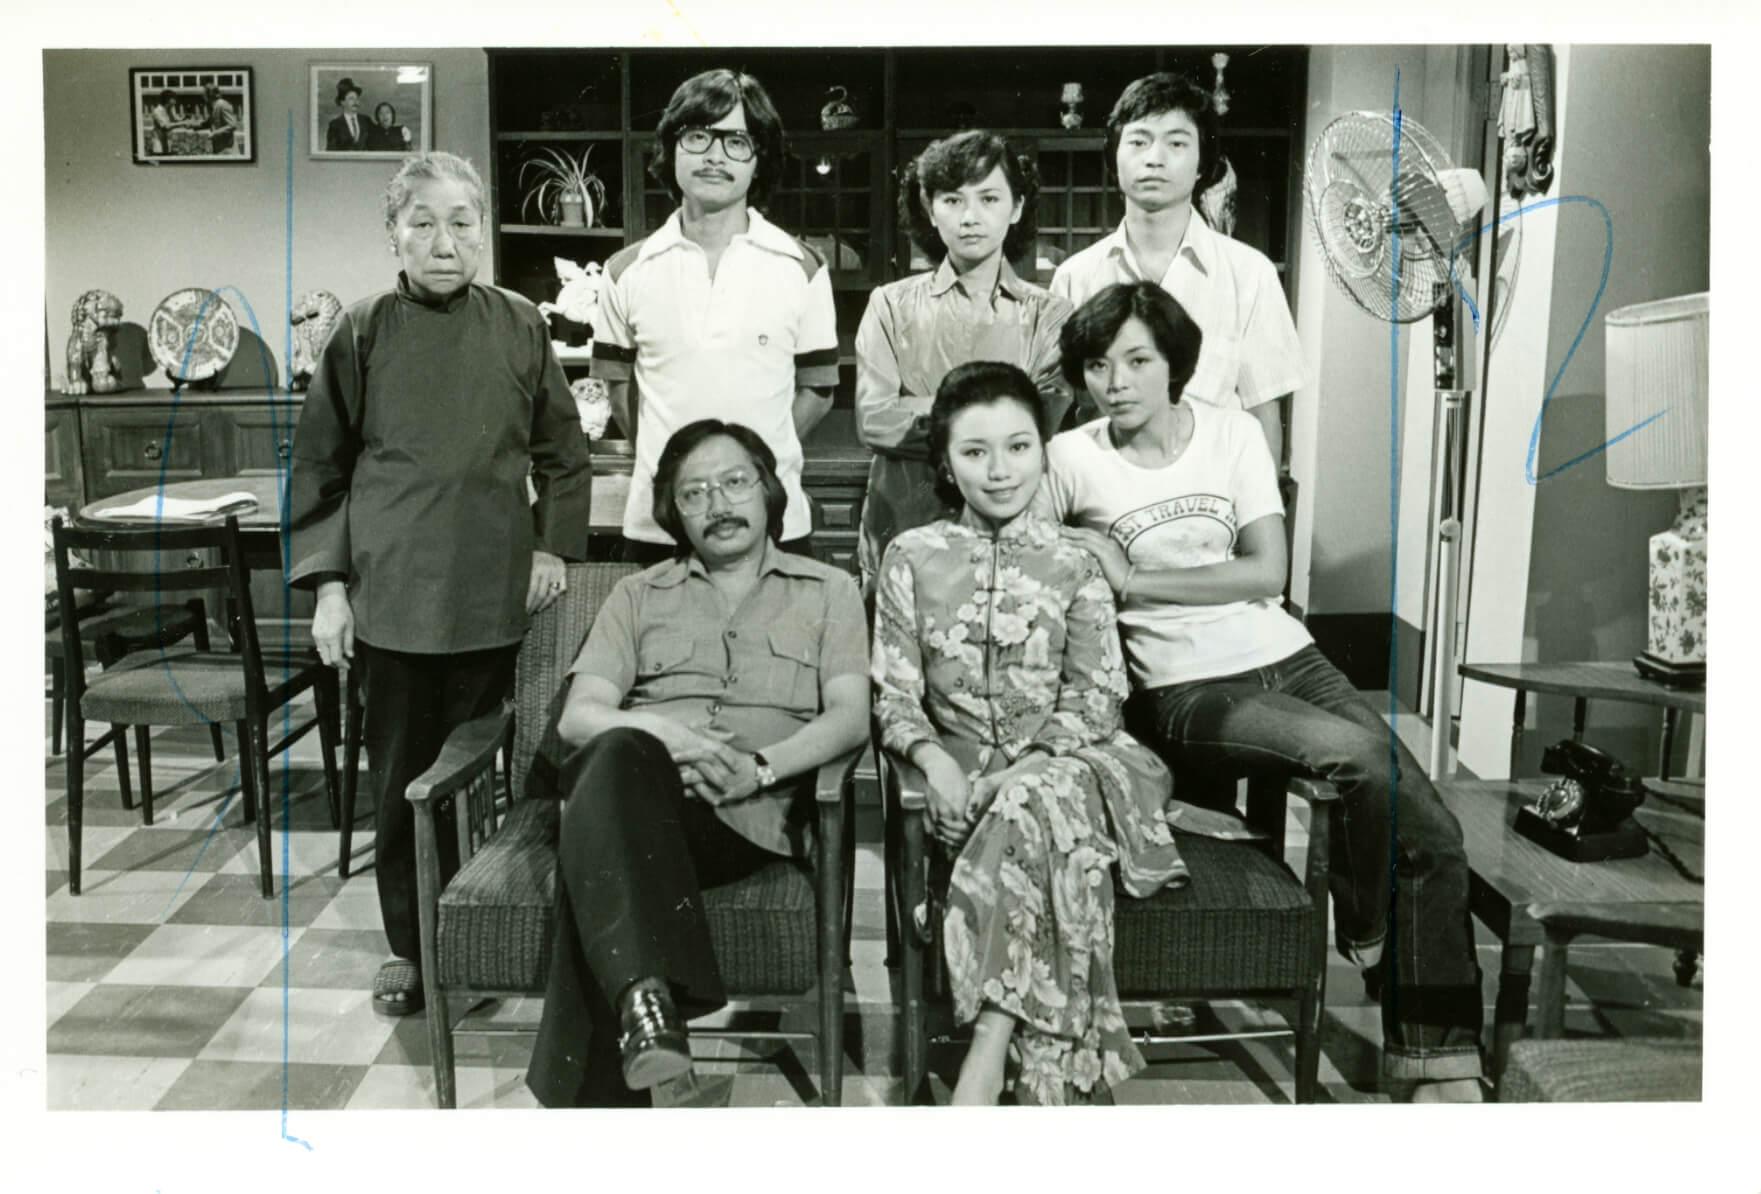 七九年拍處境劇《家在香港》,合作的藝員包括有陳玉蓮、葉德嫻、廖偉雄、羅志強、余子明及陳立品。